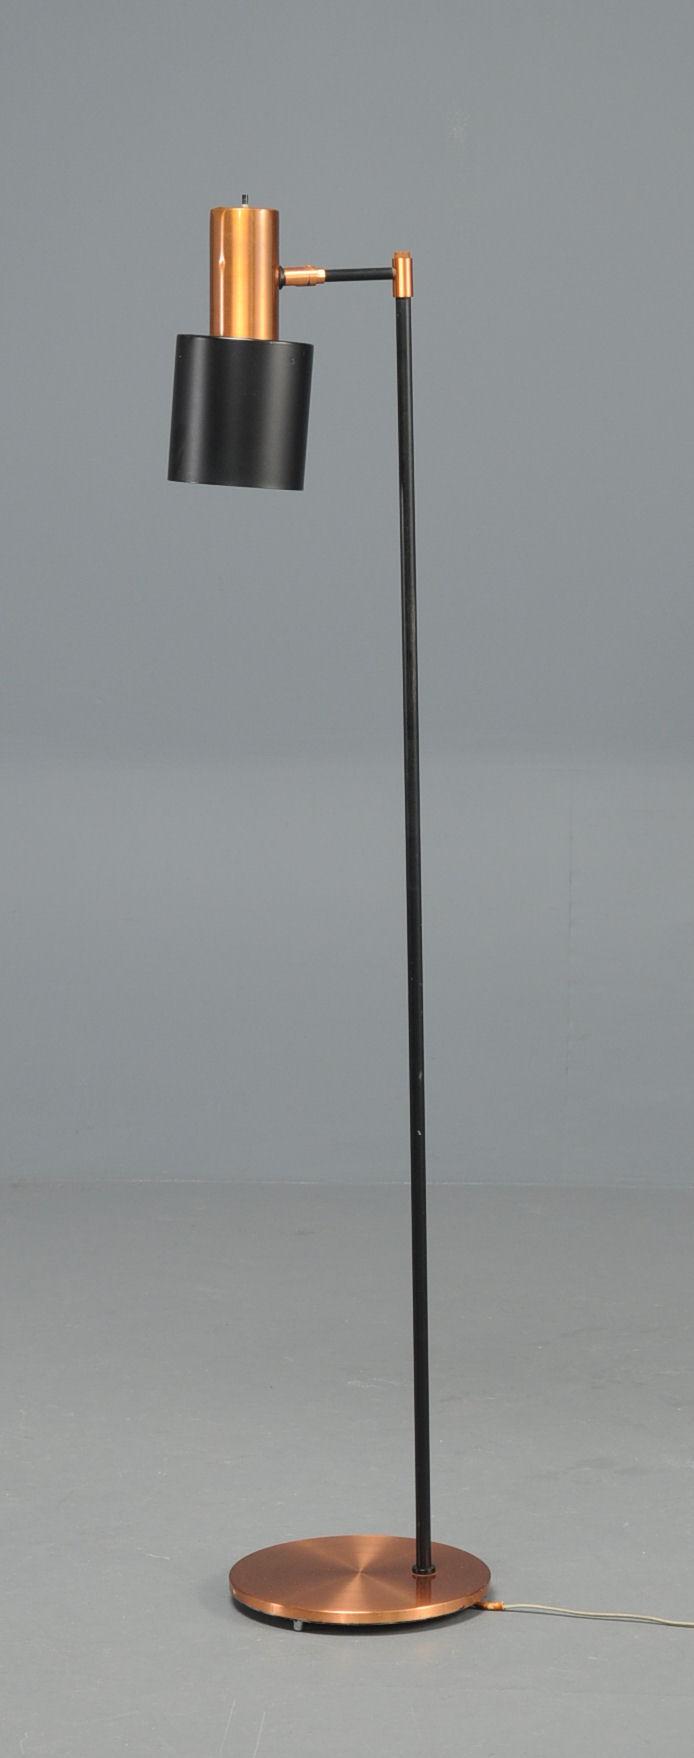 Slutpris för Gulvlampe standerlampe, kobber, Fog